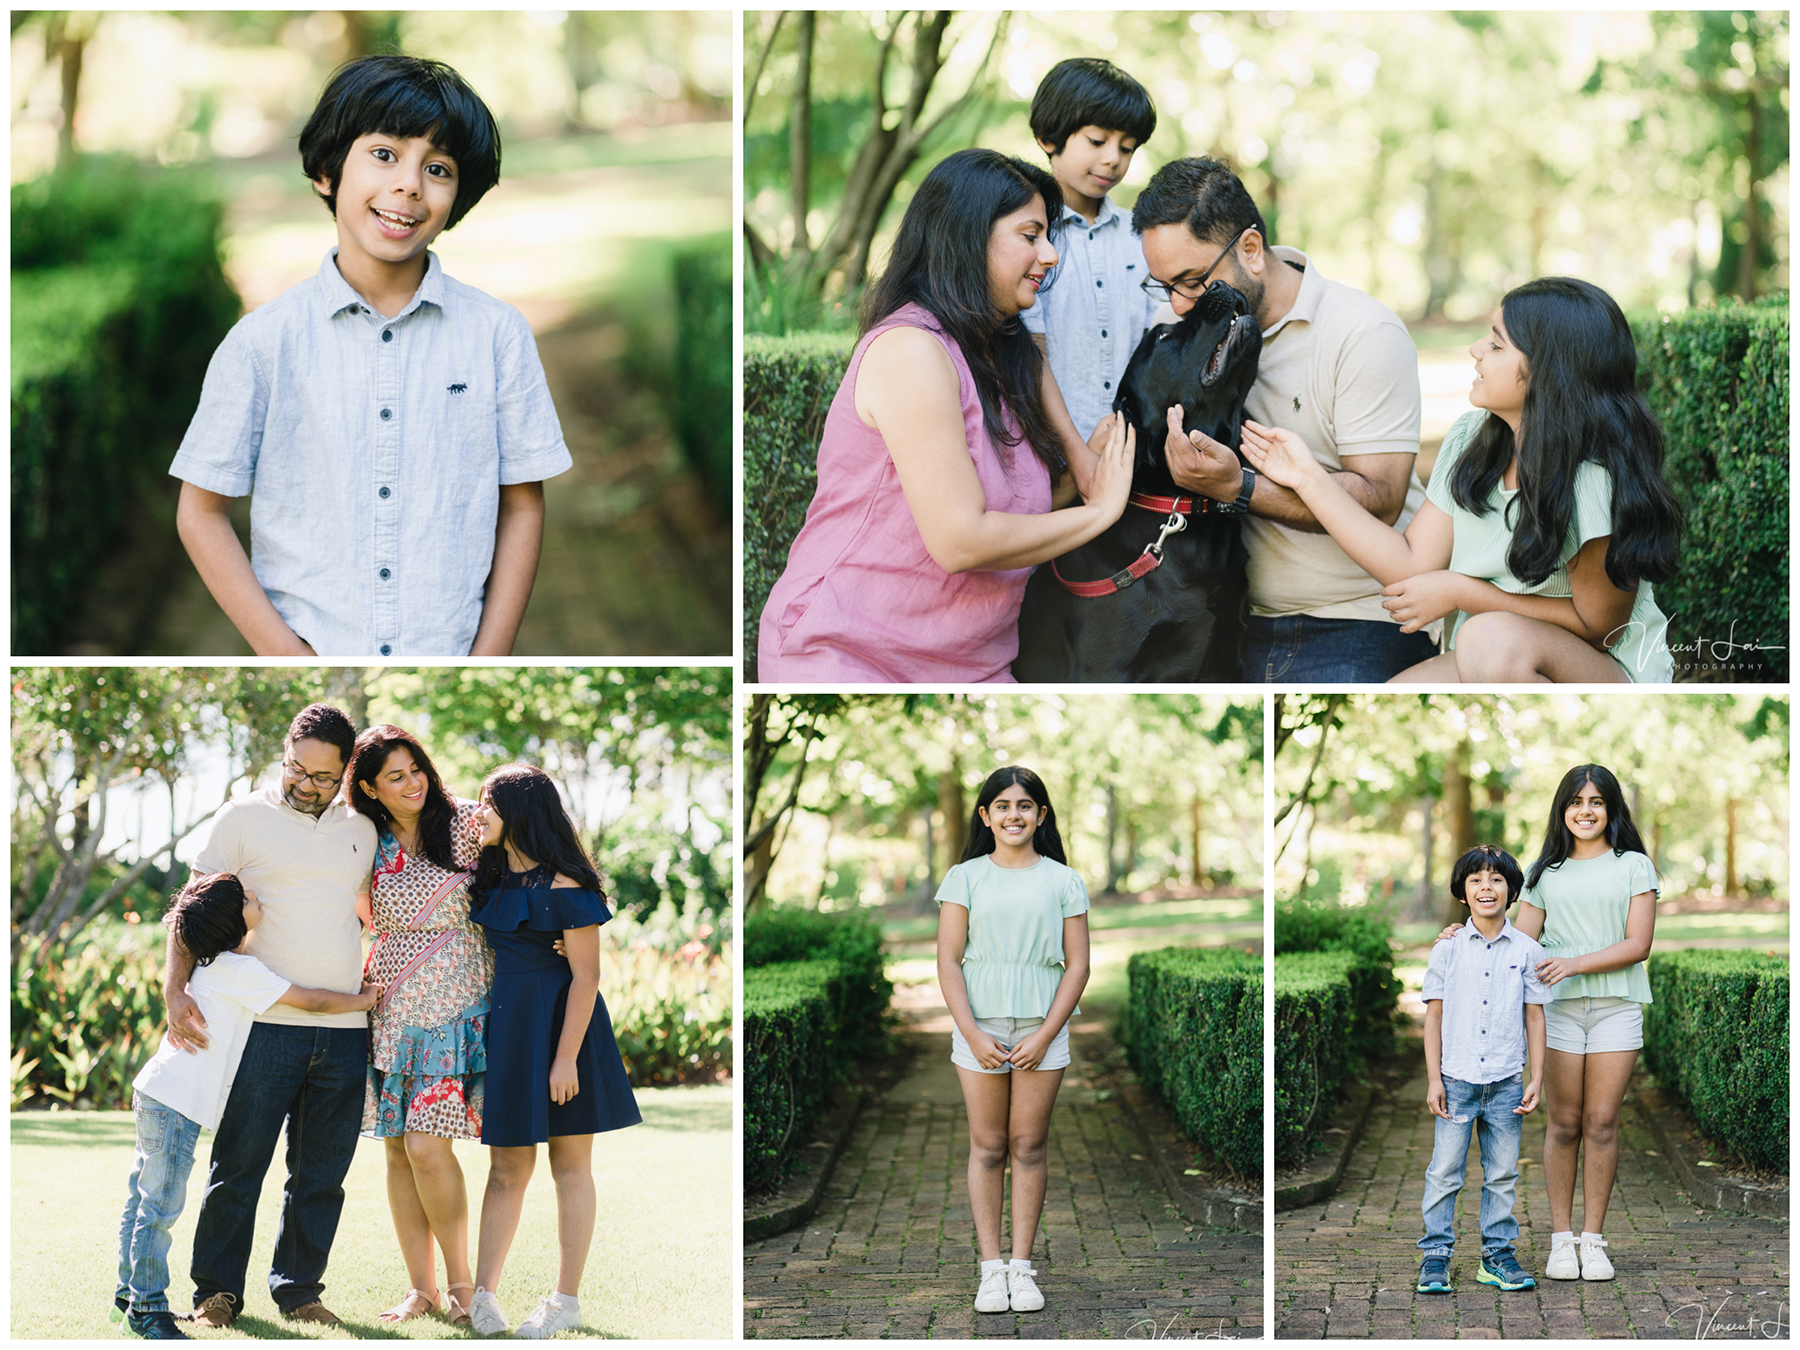 Fagan Park Family Photos